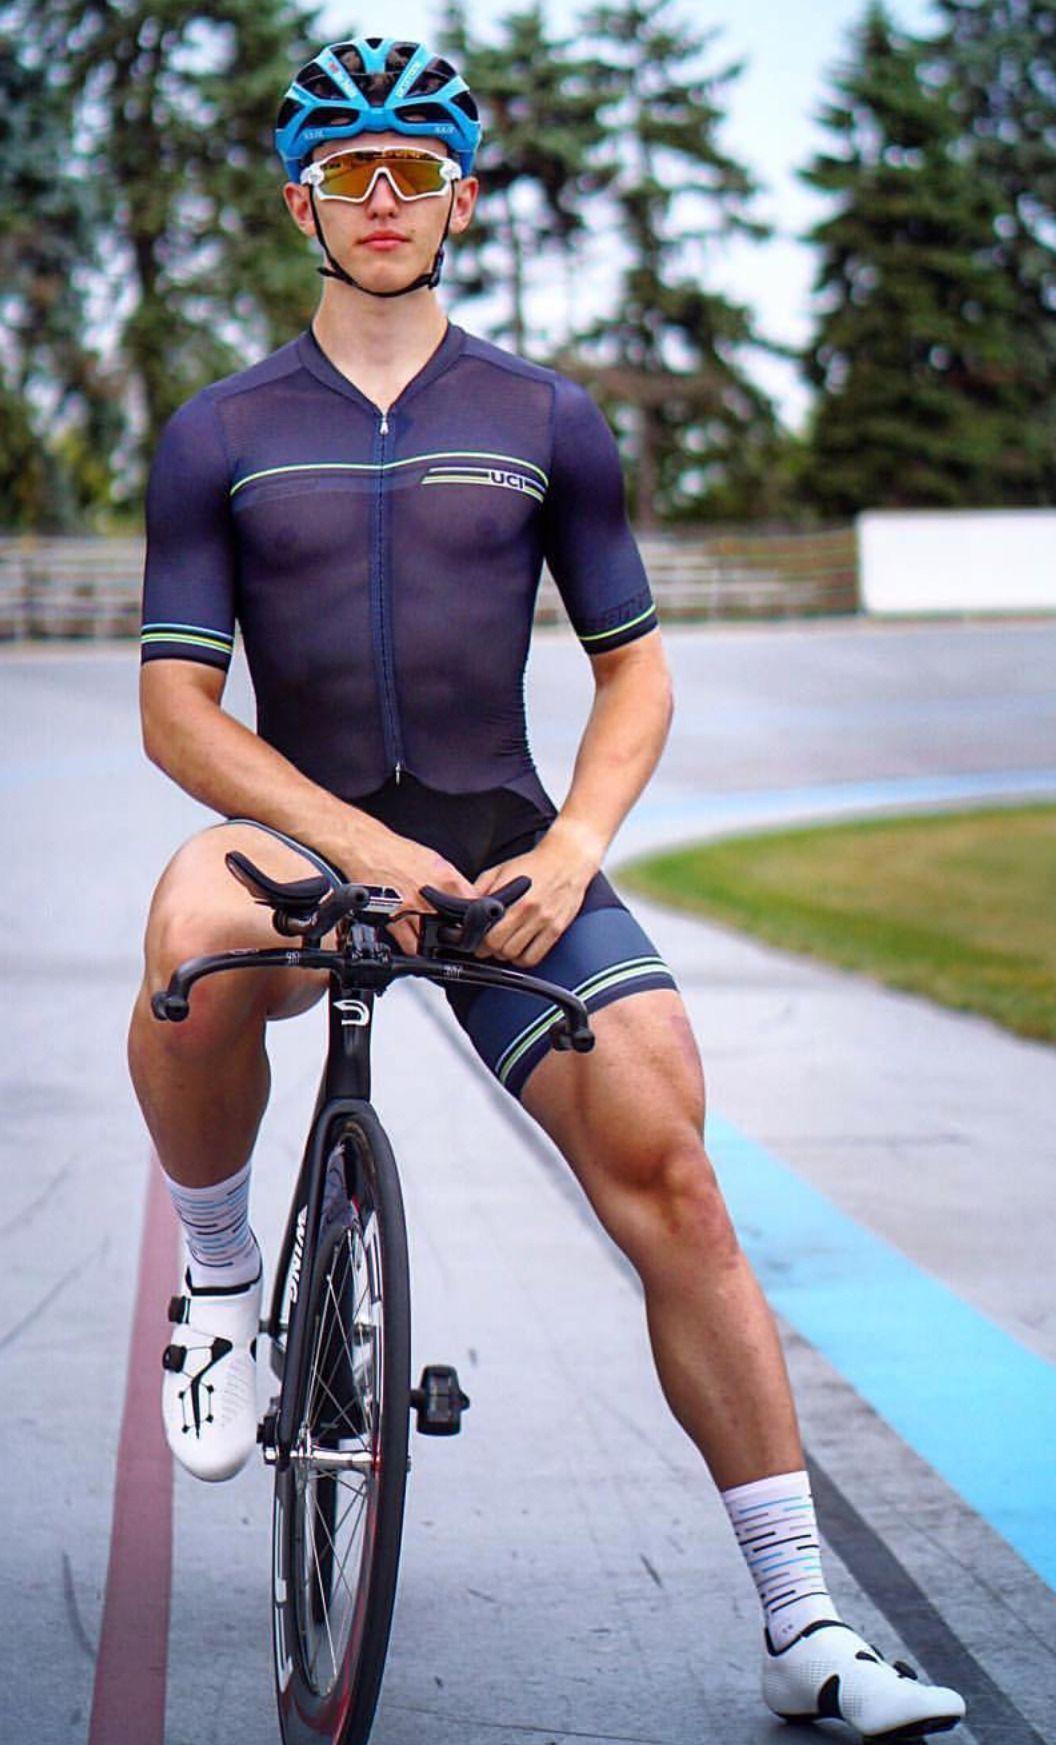 Hot Cycling Guys